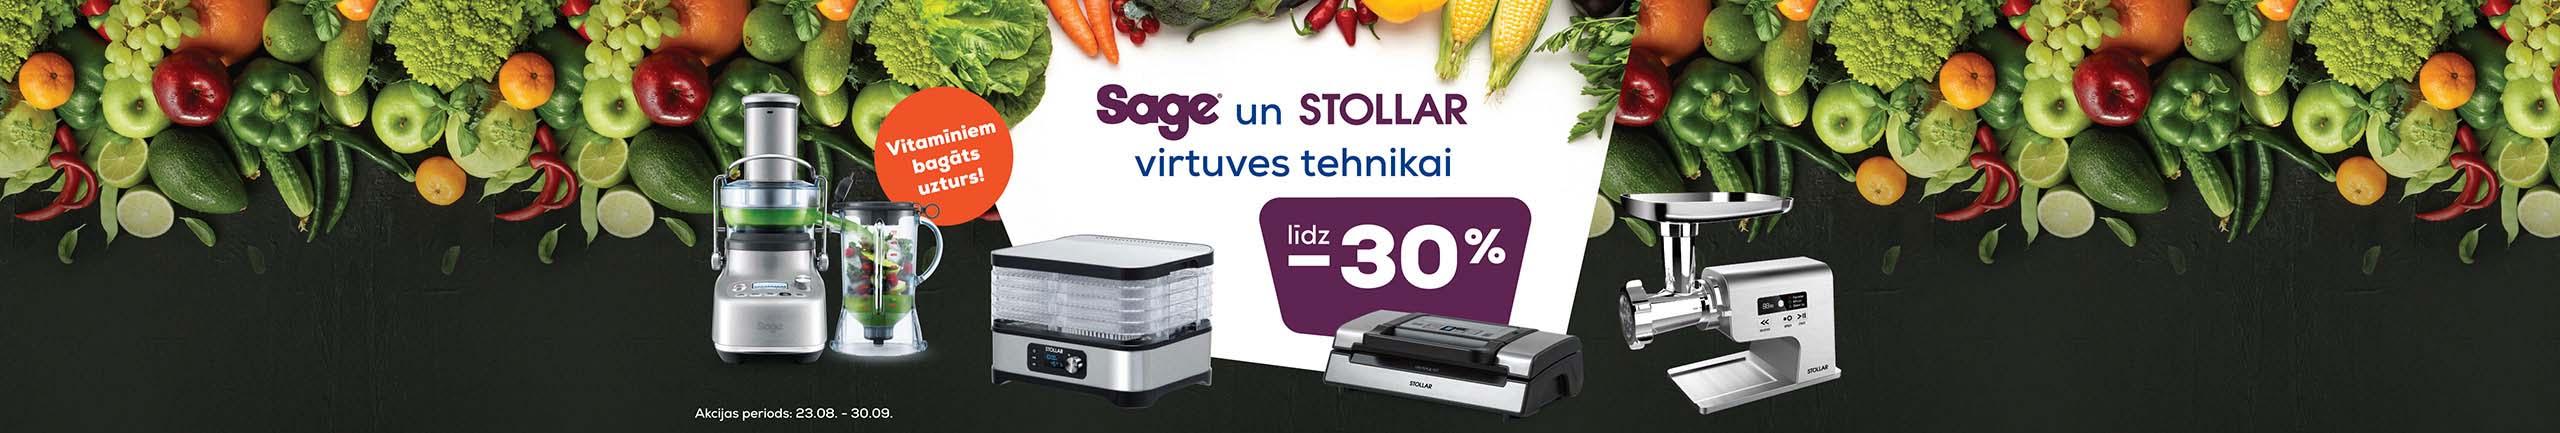 PL Sage/stollar